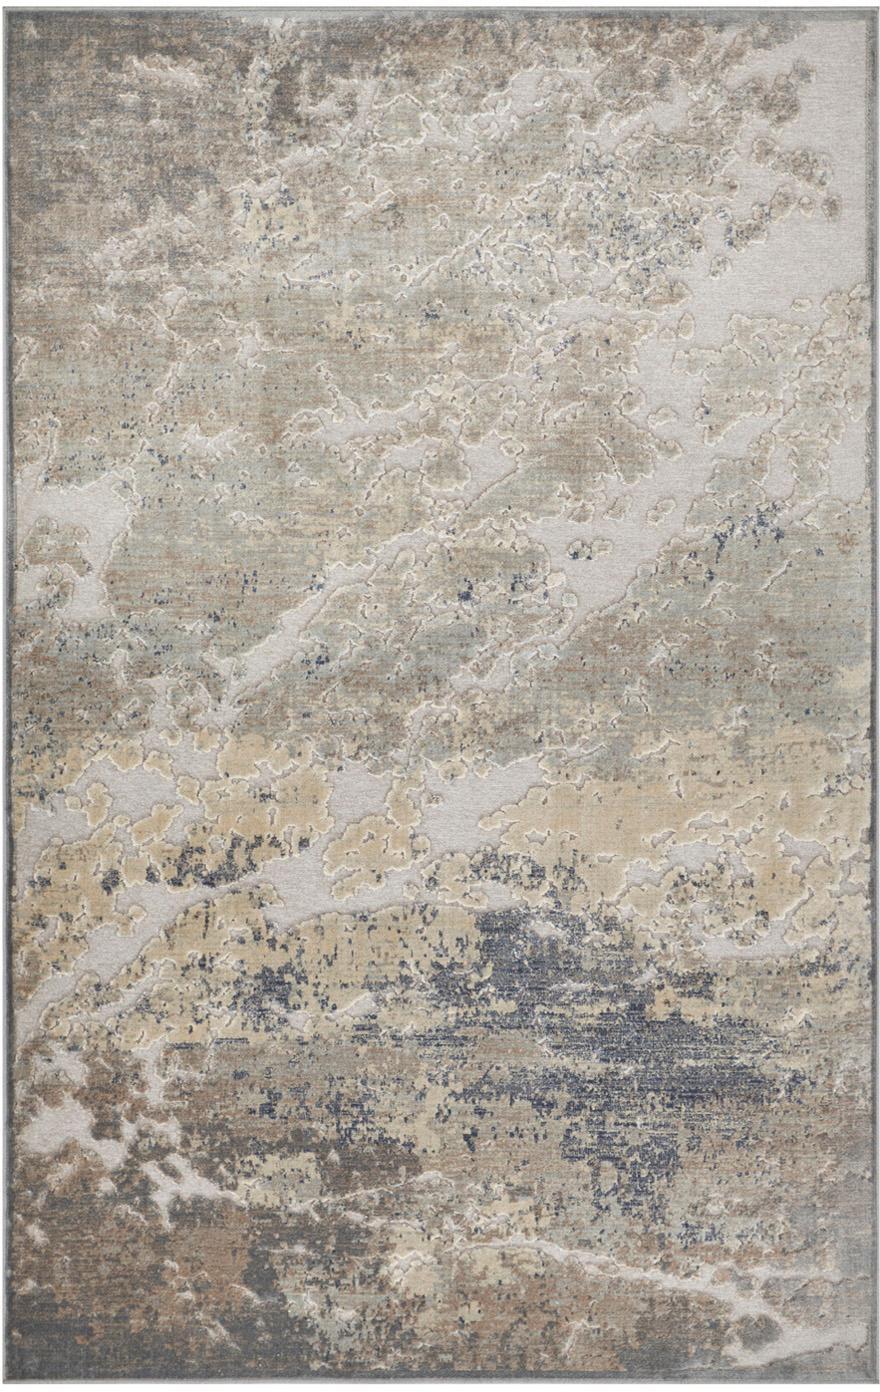 Viscose vloerkleed Arroux met hoog-diep effect, 90 % viscose, 10 % polyester, Grijs, zilverkleurig, B 80 x L 125 cm (maat XS)